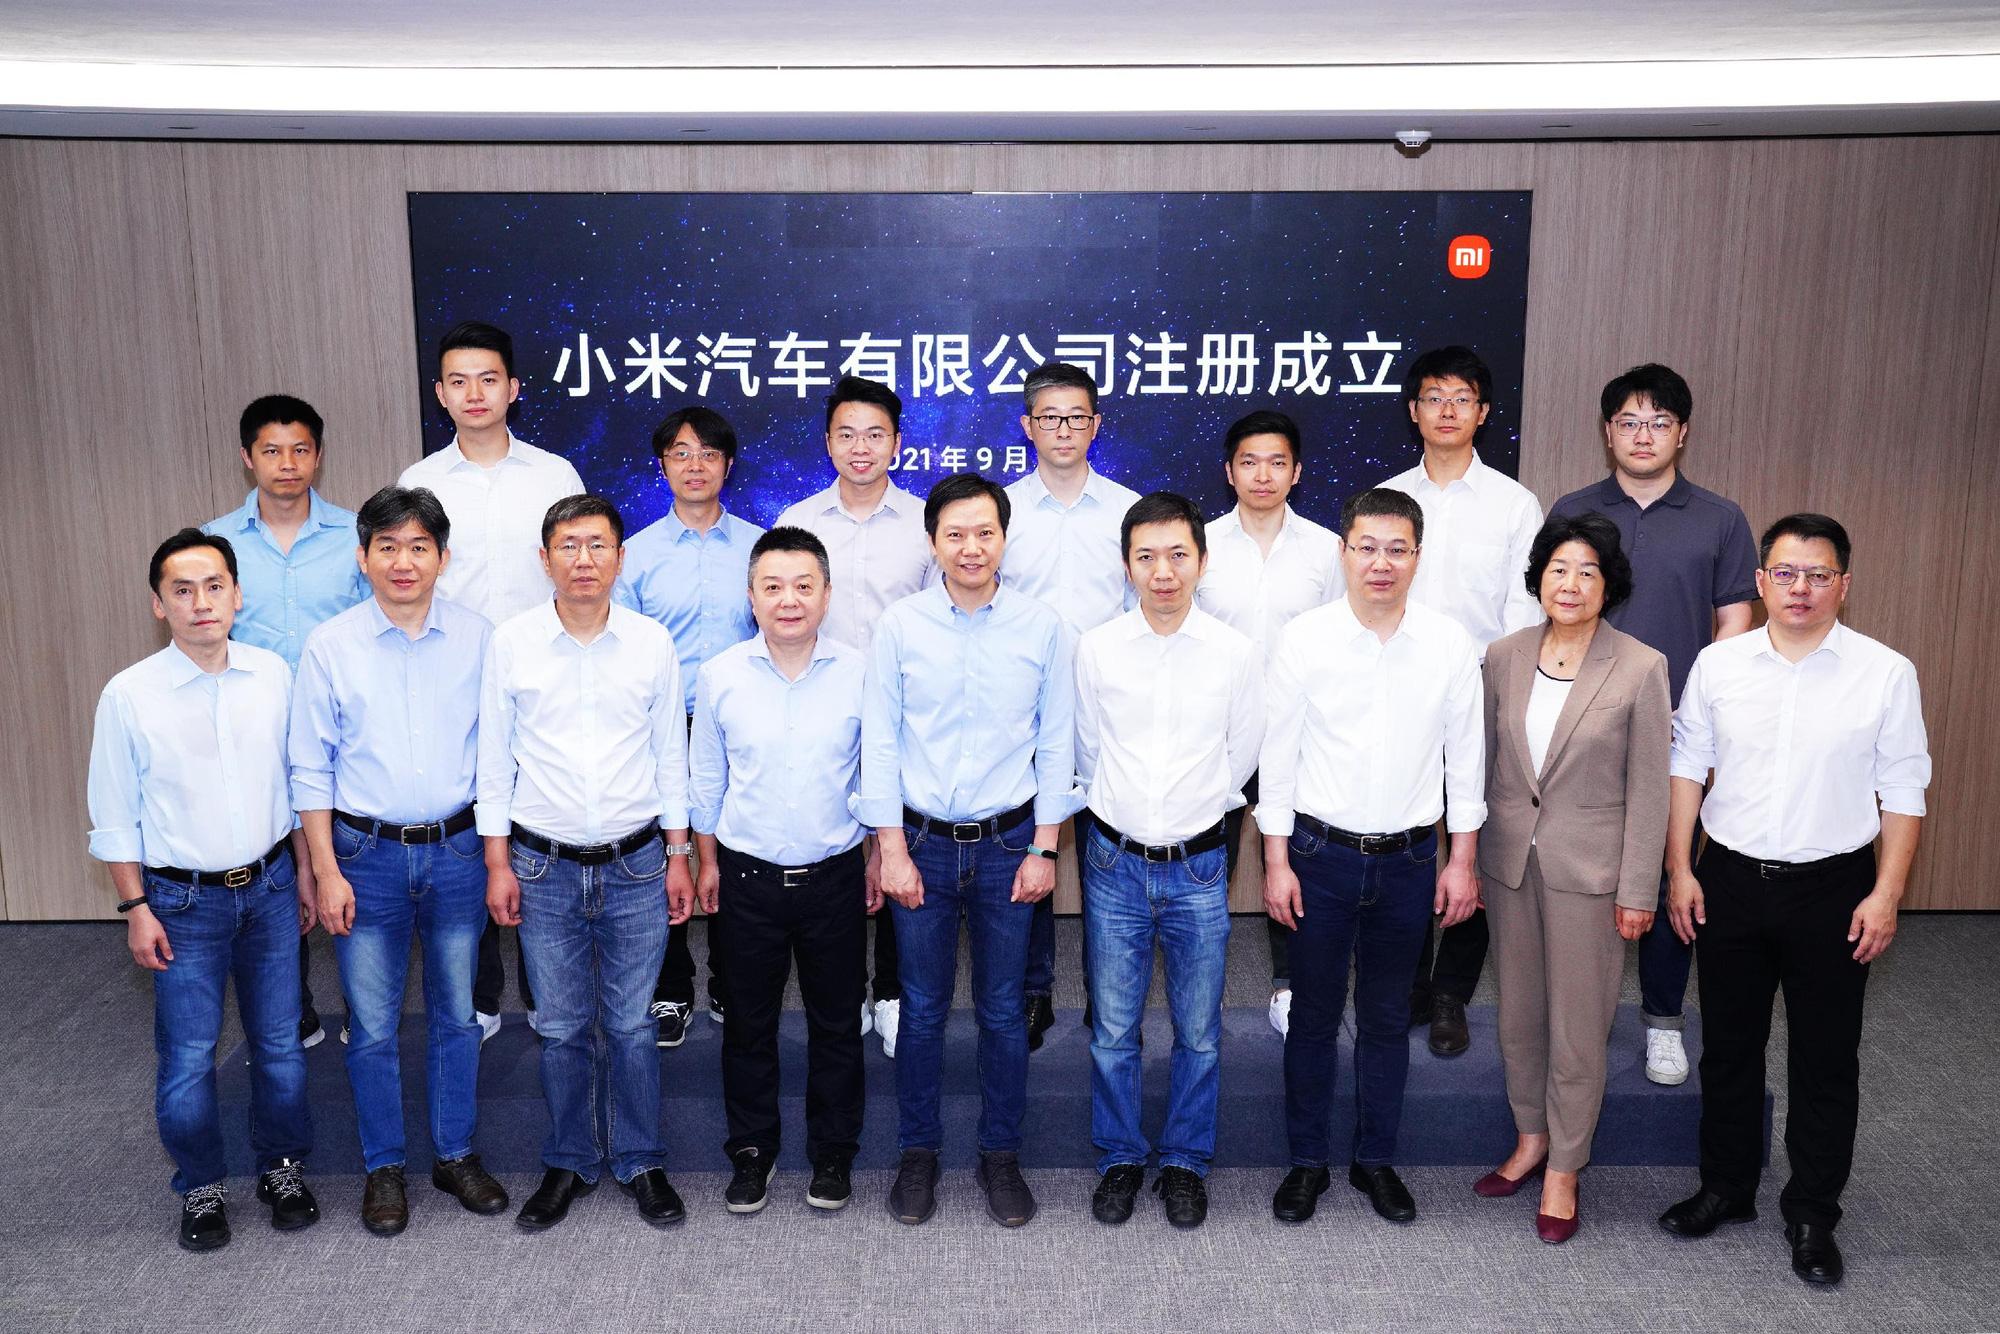 Sắp xuất hiện xe điện thông minh của Xiaomi, đại chiến ngành ô tô điện ngày càng khốc liệt - Ảnh 1.